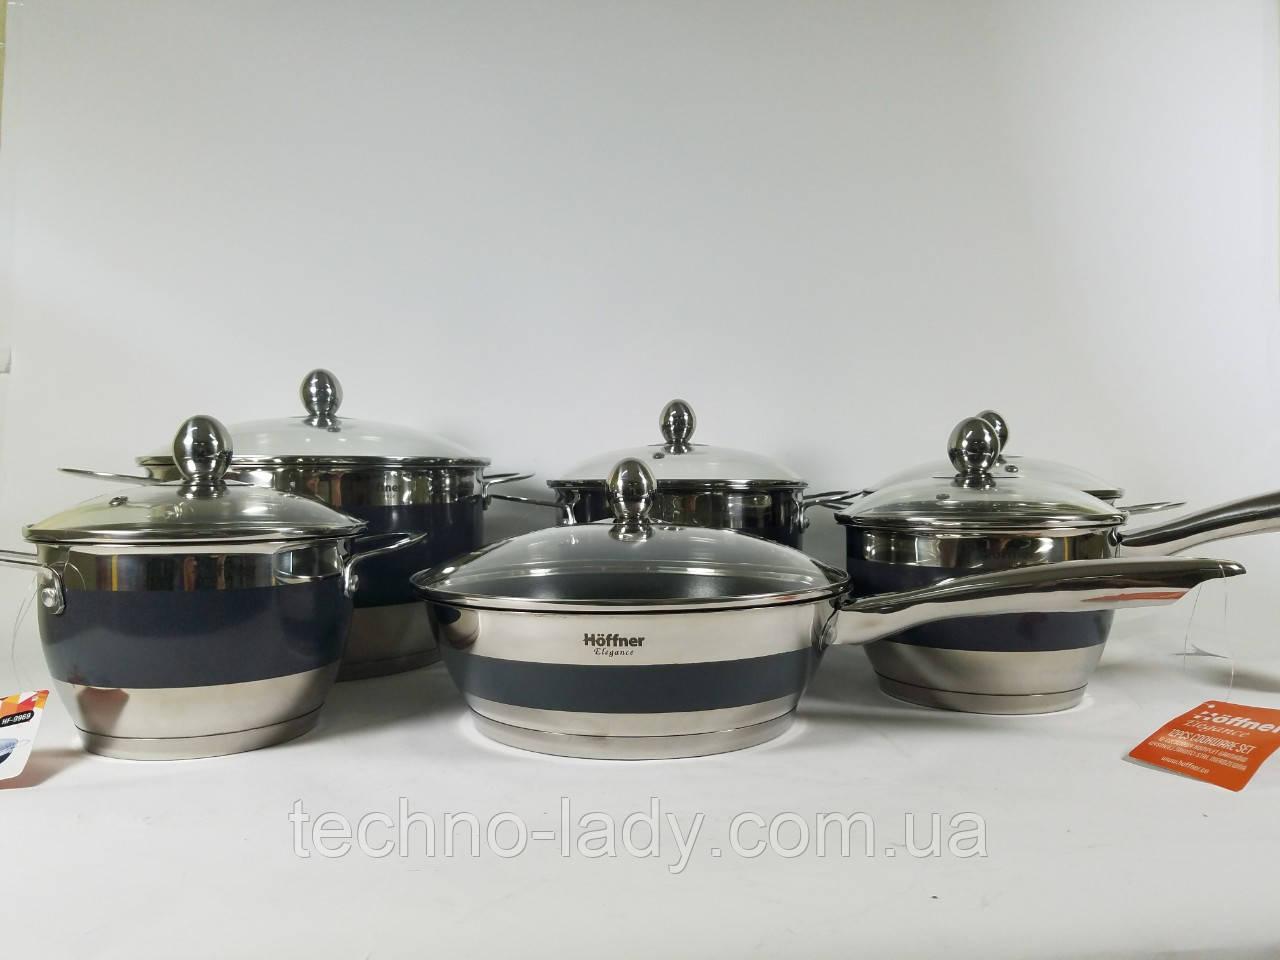 Набор кухонной посуды Hoffner 9969-(Silver) 12 элементов кастрюли, сковорода, сотейник